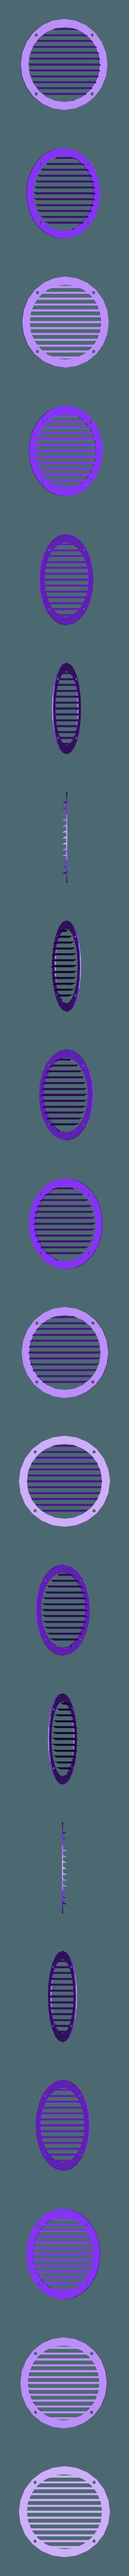 grille ventil 170mm.stl Télécharger fichier STL gratuit grilles de ventilation 3 modèles (ronde, rectangle et carrée) • Design imprimable en 3D, wilfranck